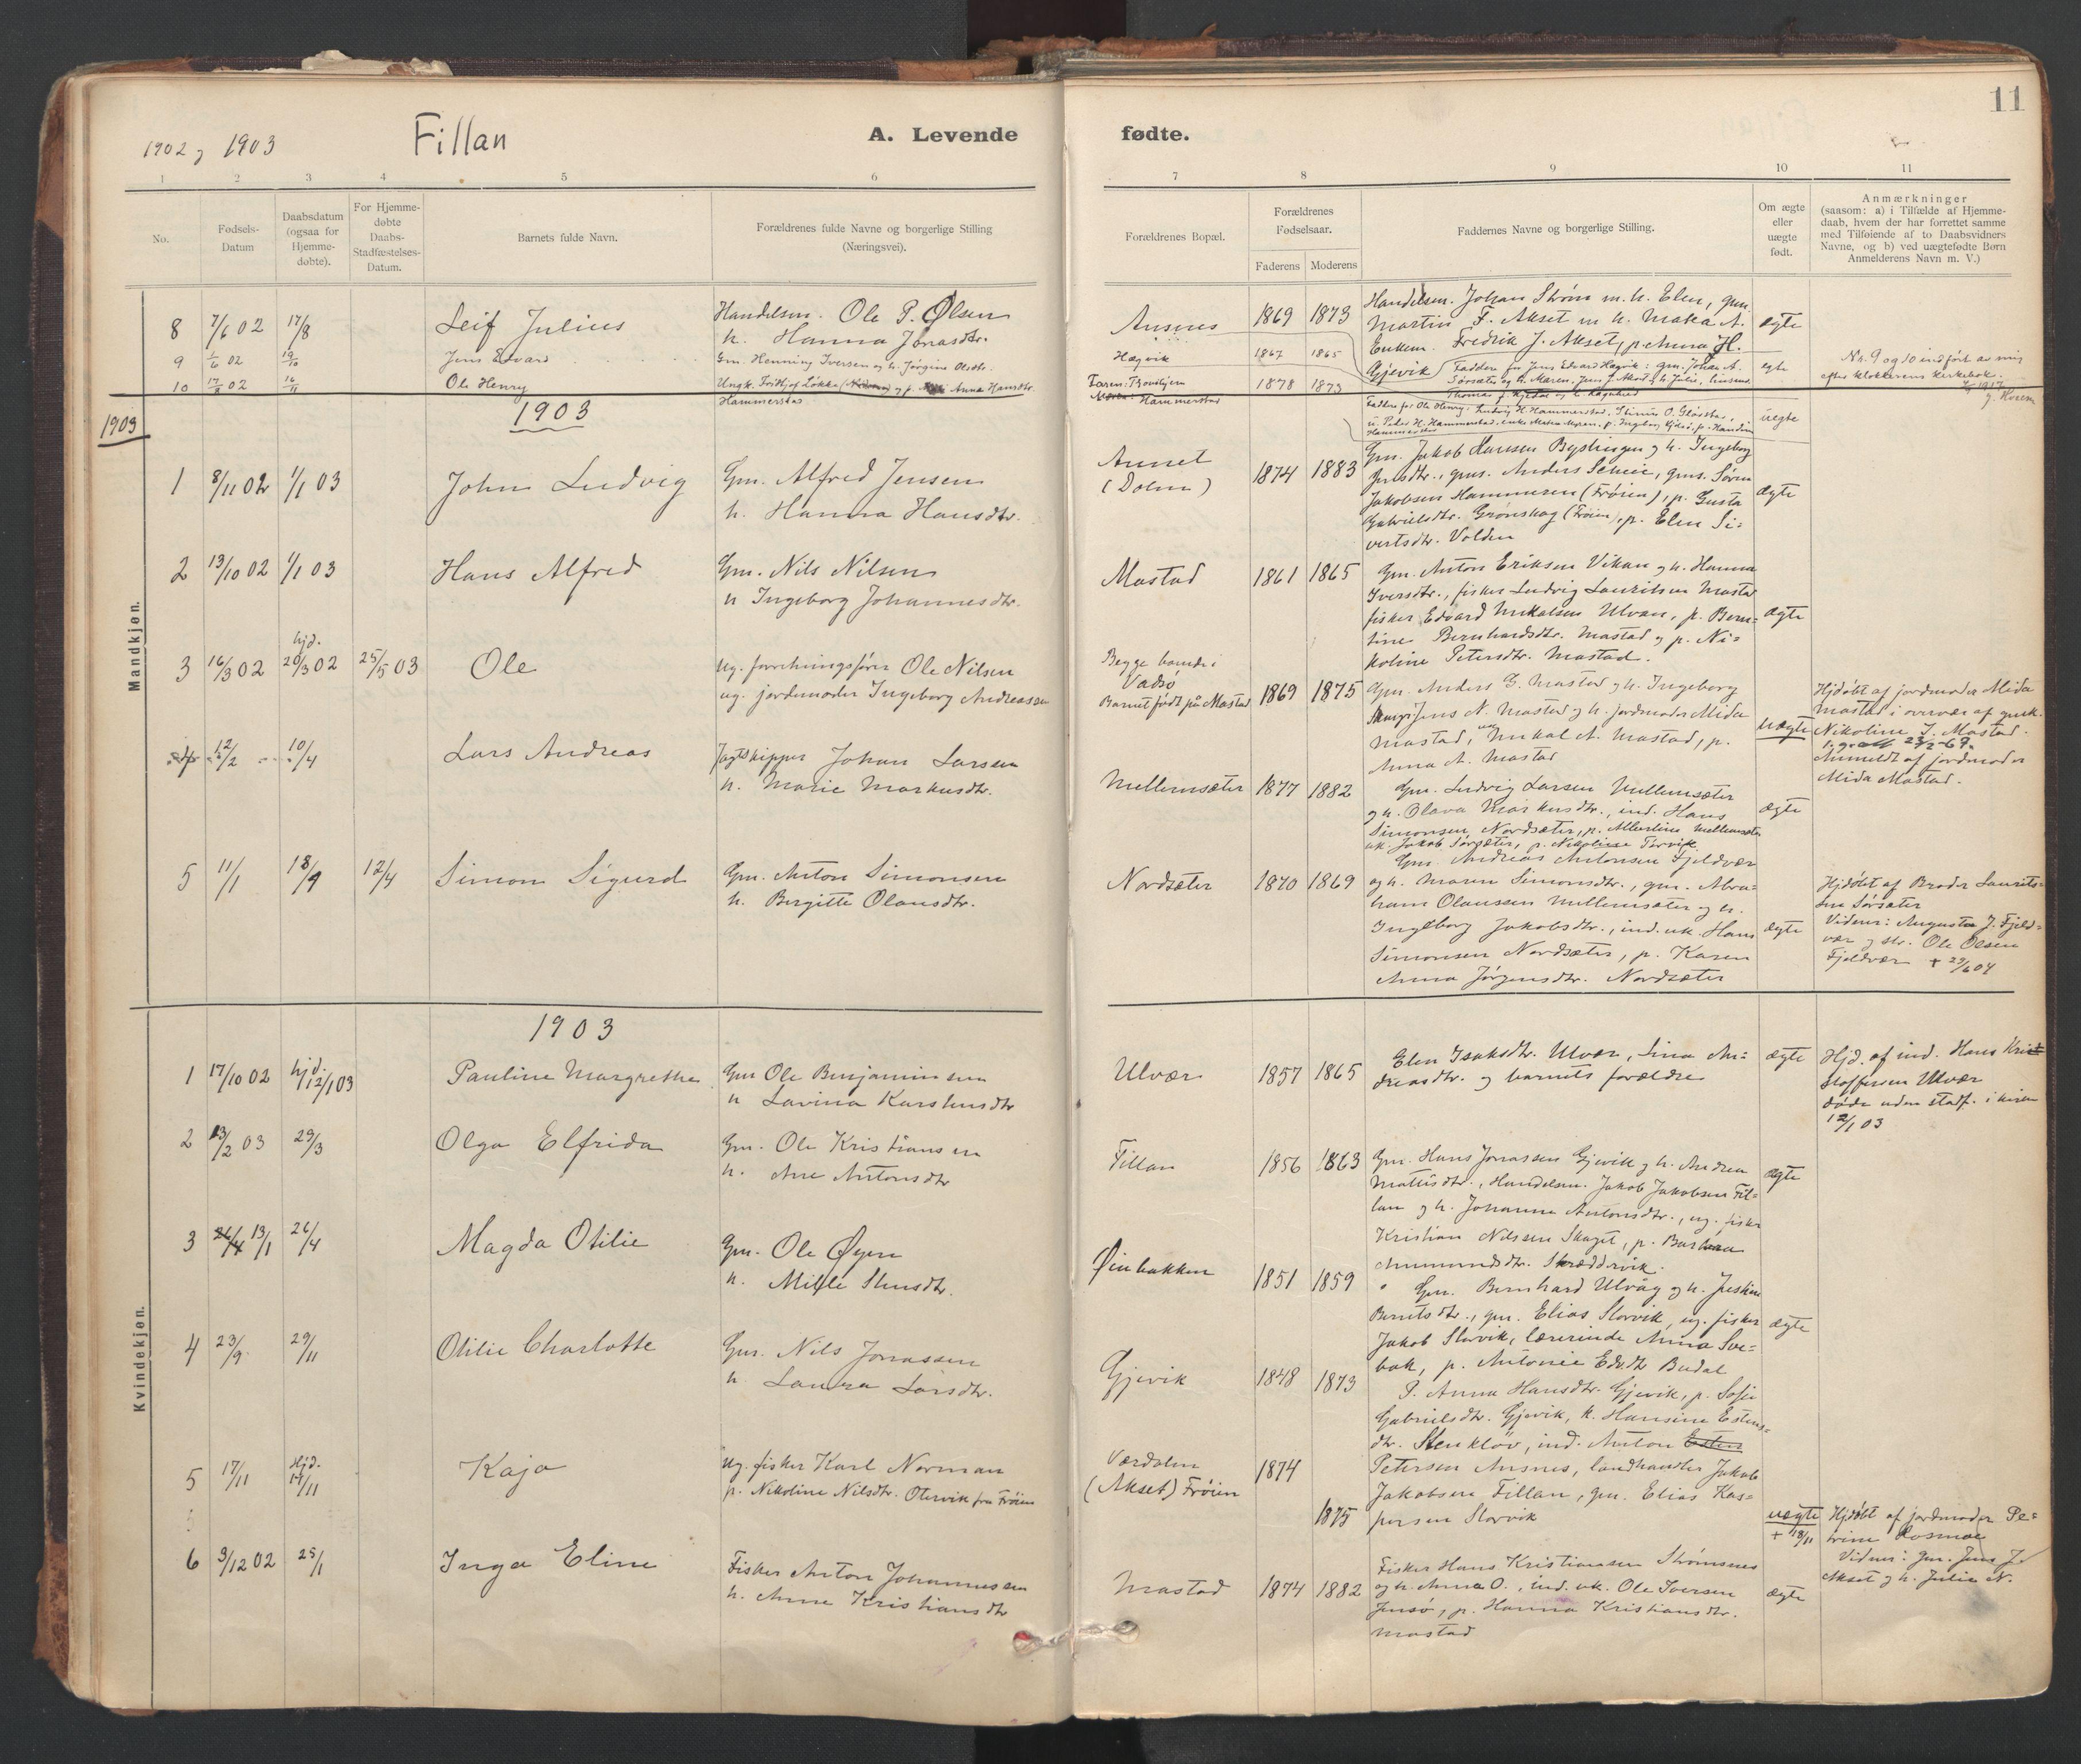 SAT, Ministerialprotokoller, klokkerbøker og fødselsregistre - Sør-Trøndelag, 637/L0559: Ministerialbok nr. 637A02, 1899-1923, s. 11